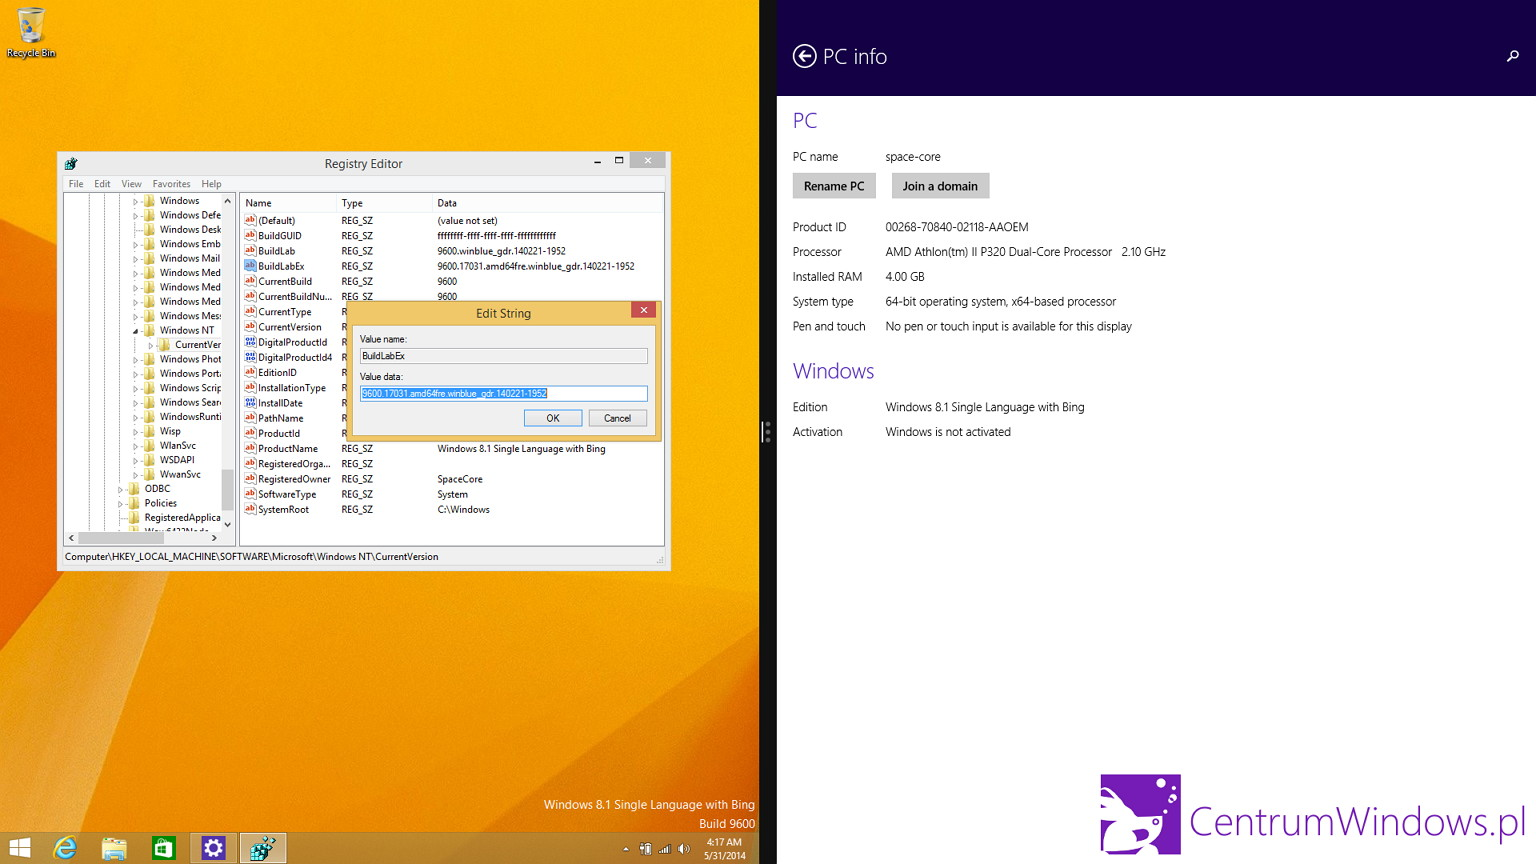 Neues Bild zur Windows  8.1 mit Bing geleakt